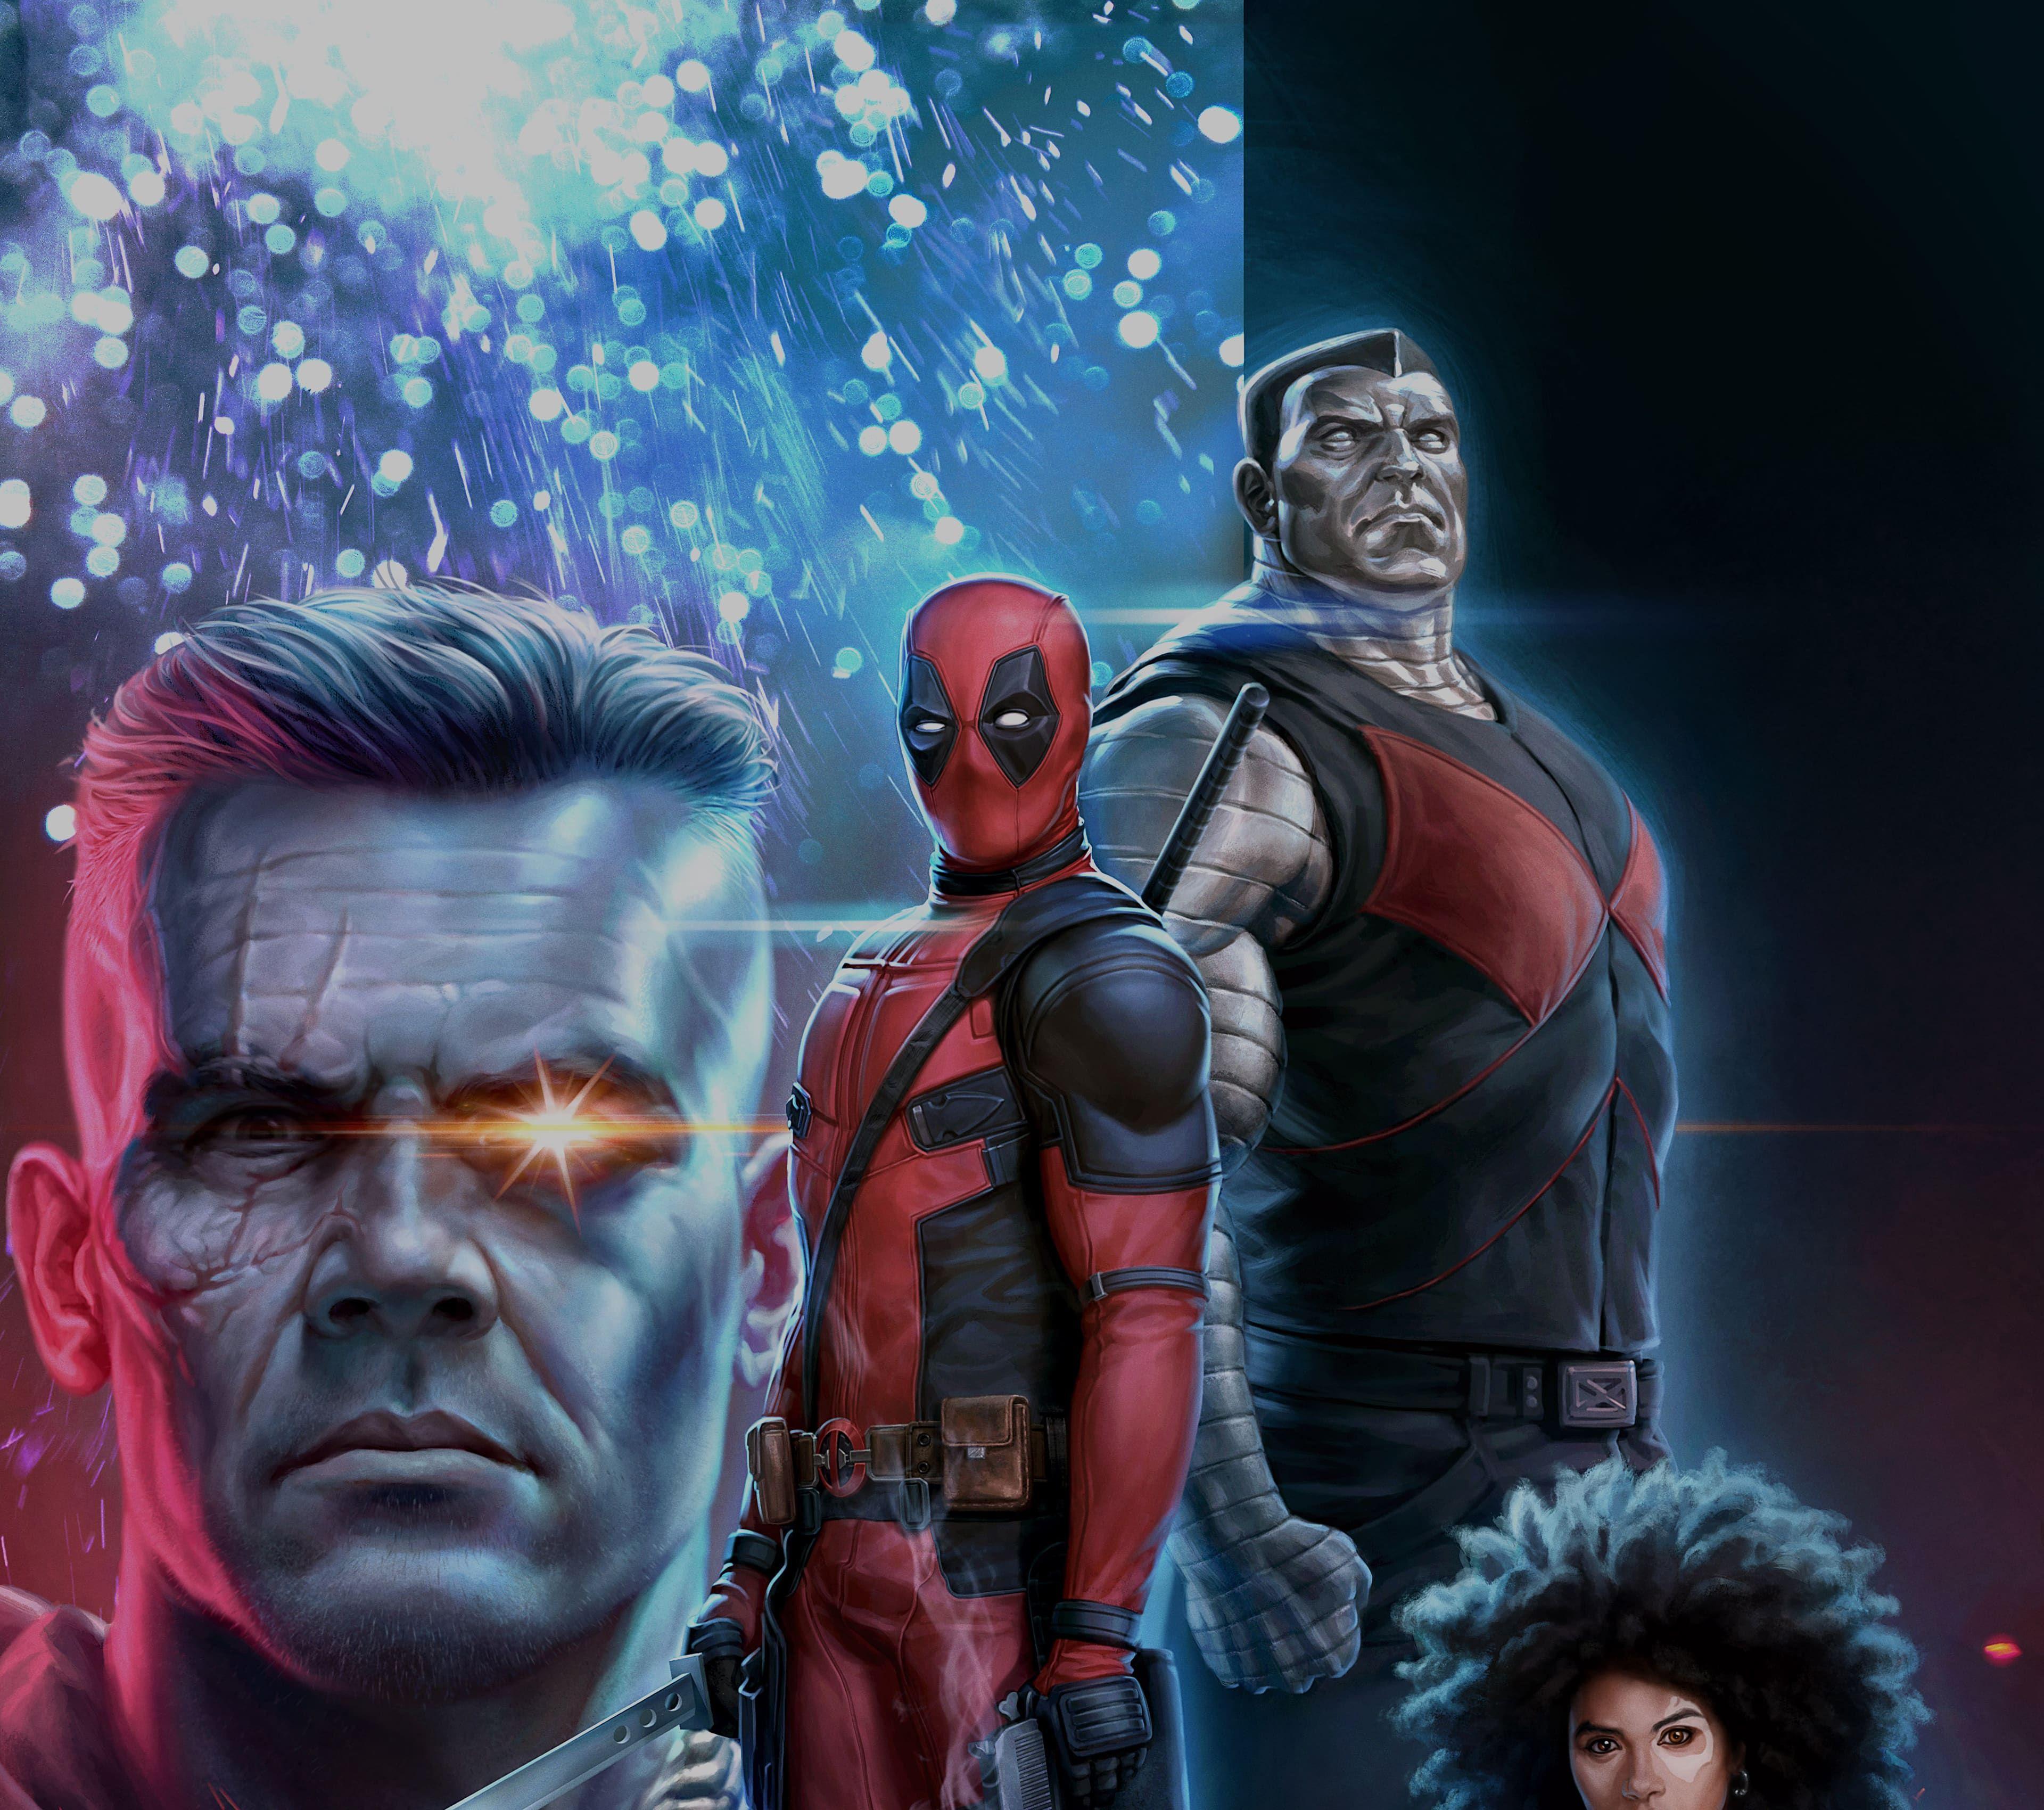 Deadpool Wallpaper Hd 1080p Free Download For Mobile Dengan